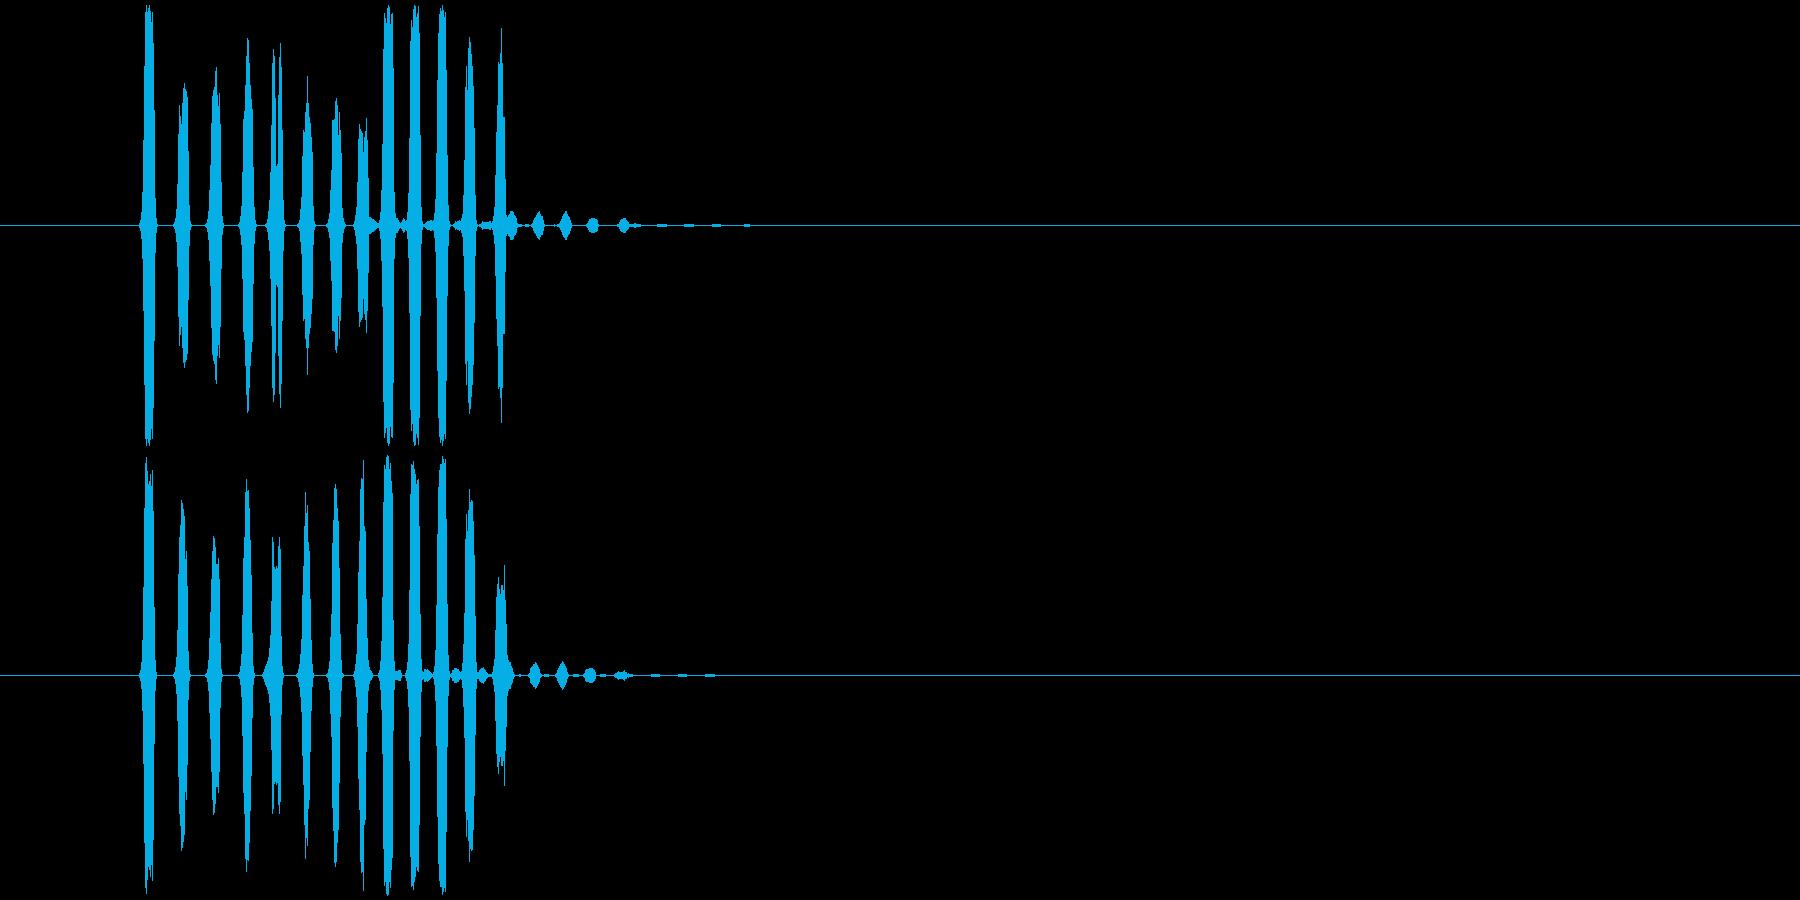 「表示」吹き出し/コミカル_003の再生済みの波形